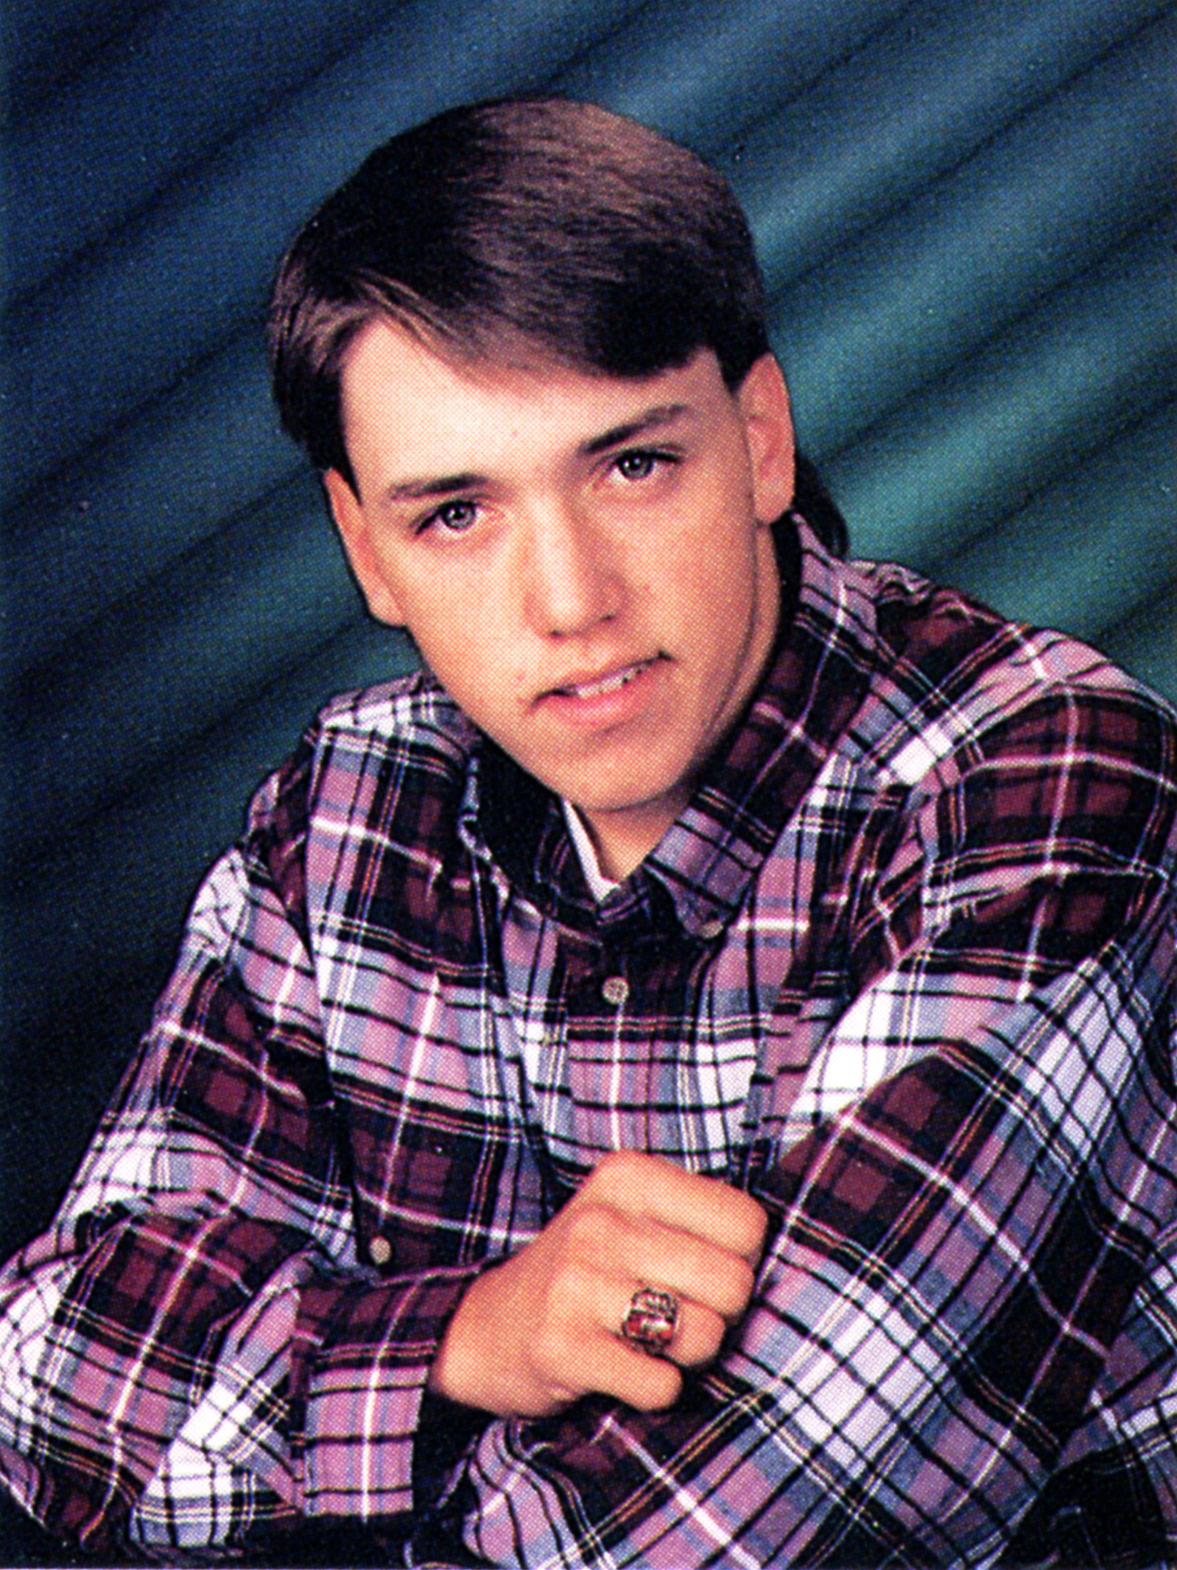 Jason Aldean yearbook photo